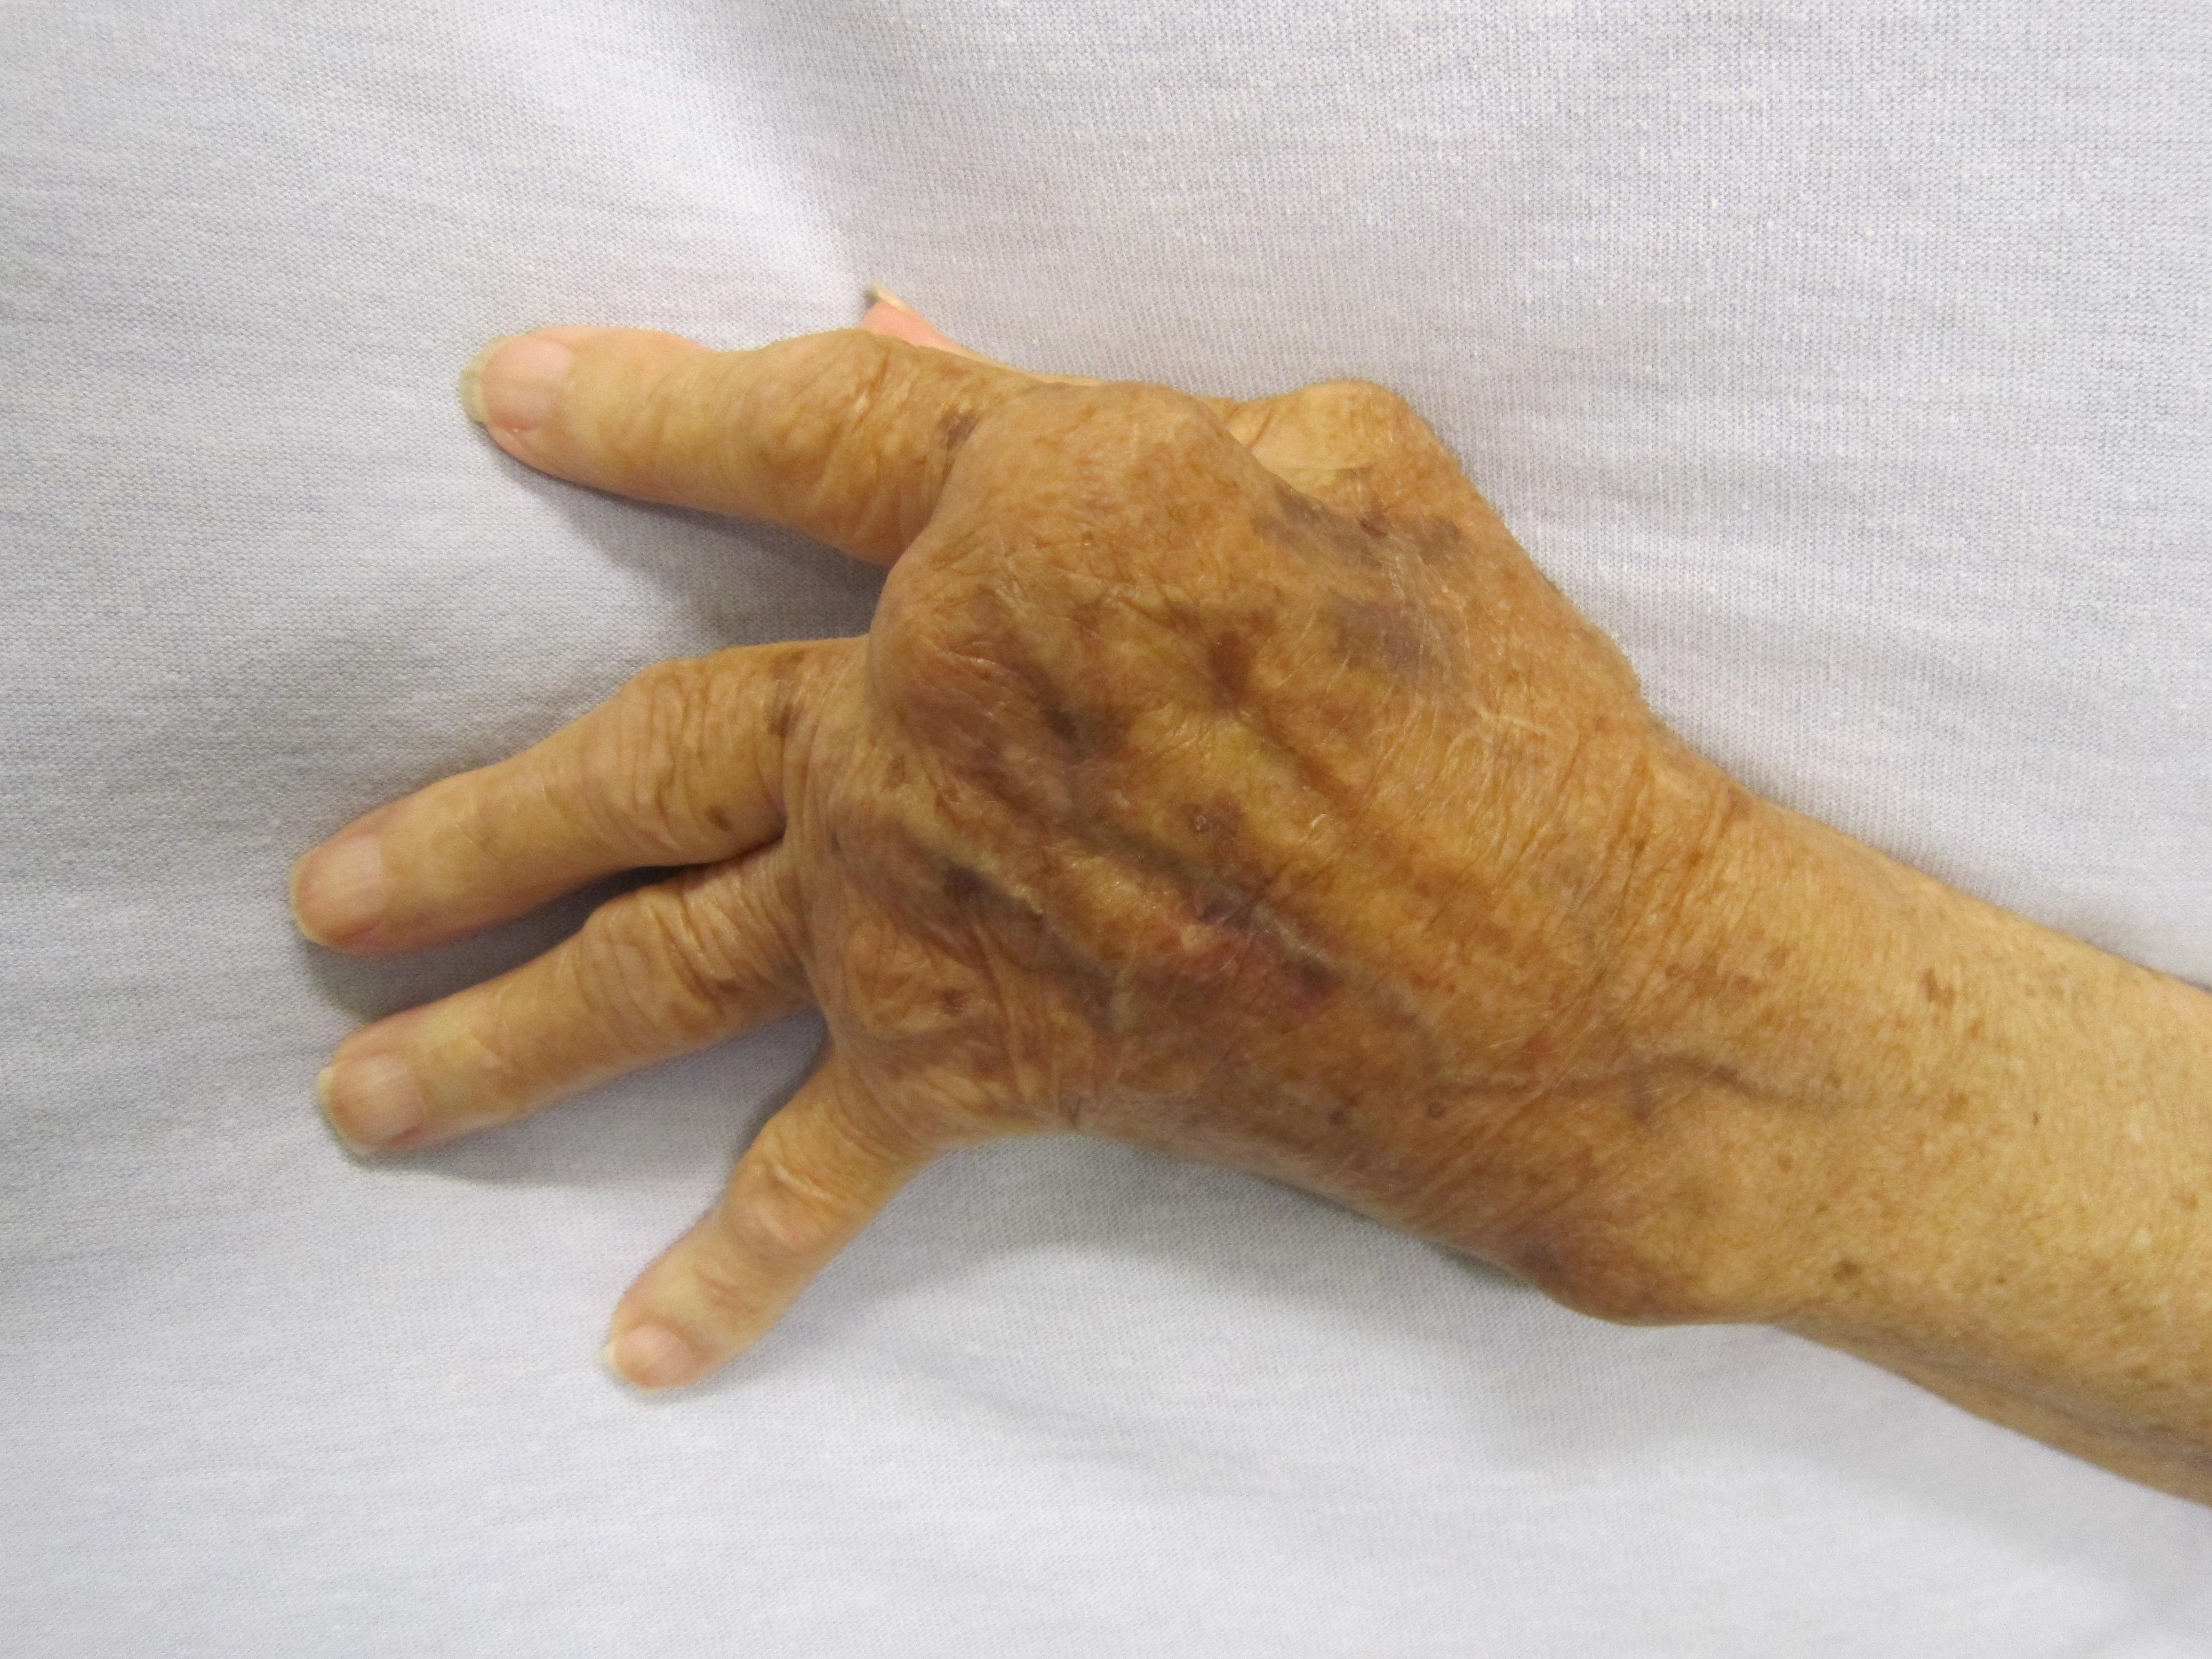 fájdalom az ujjak ízületeiben szülés után)